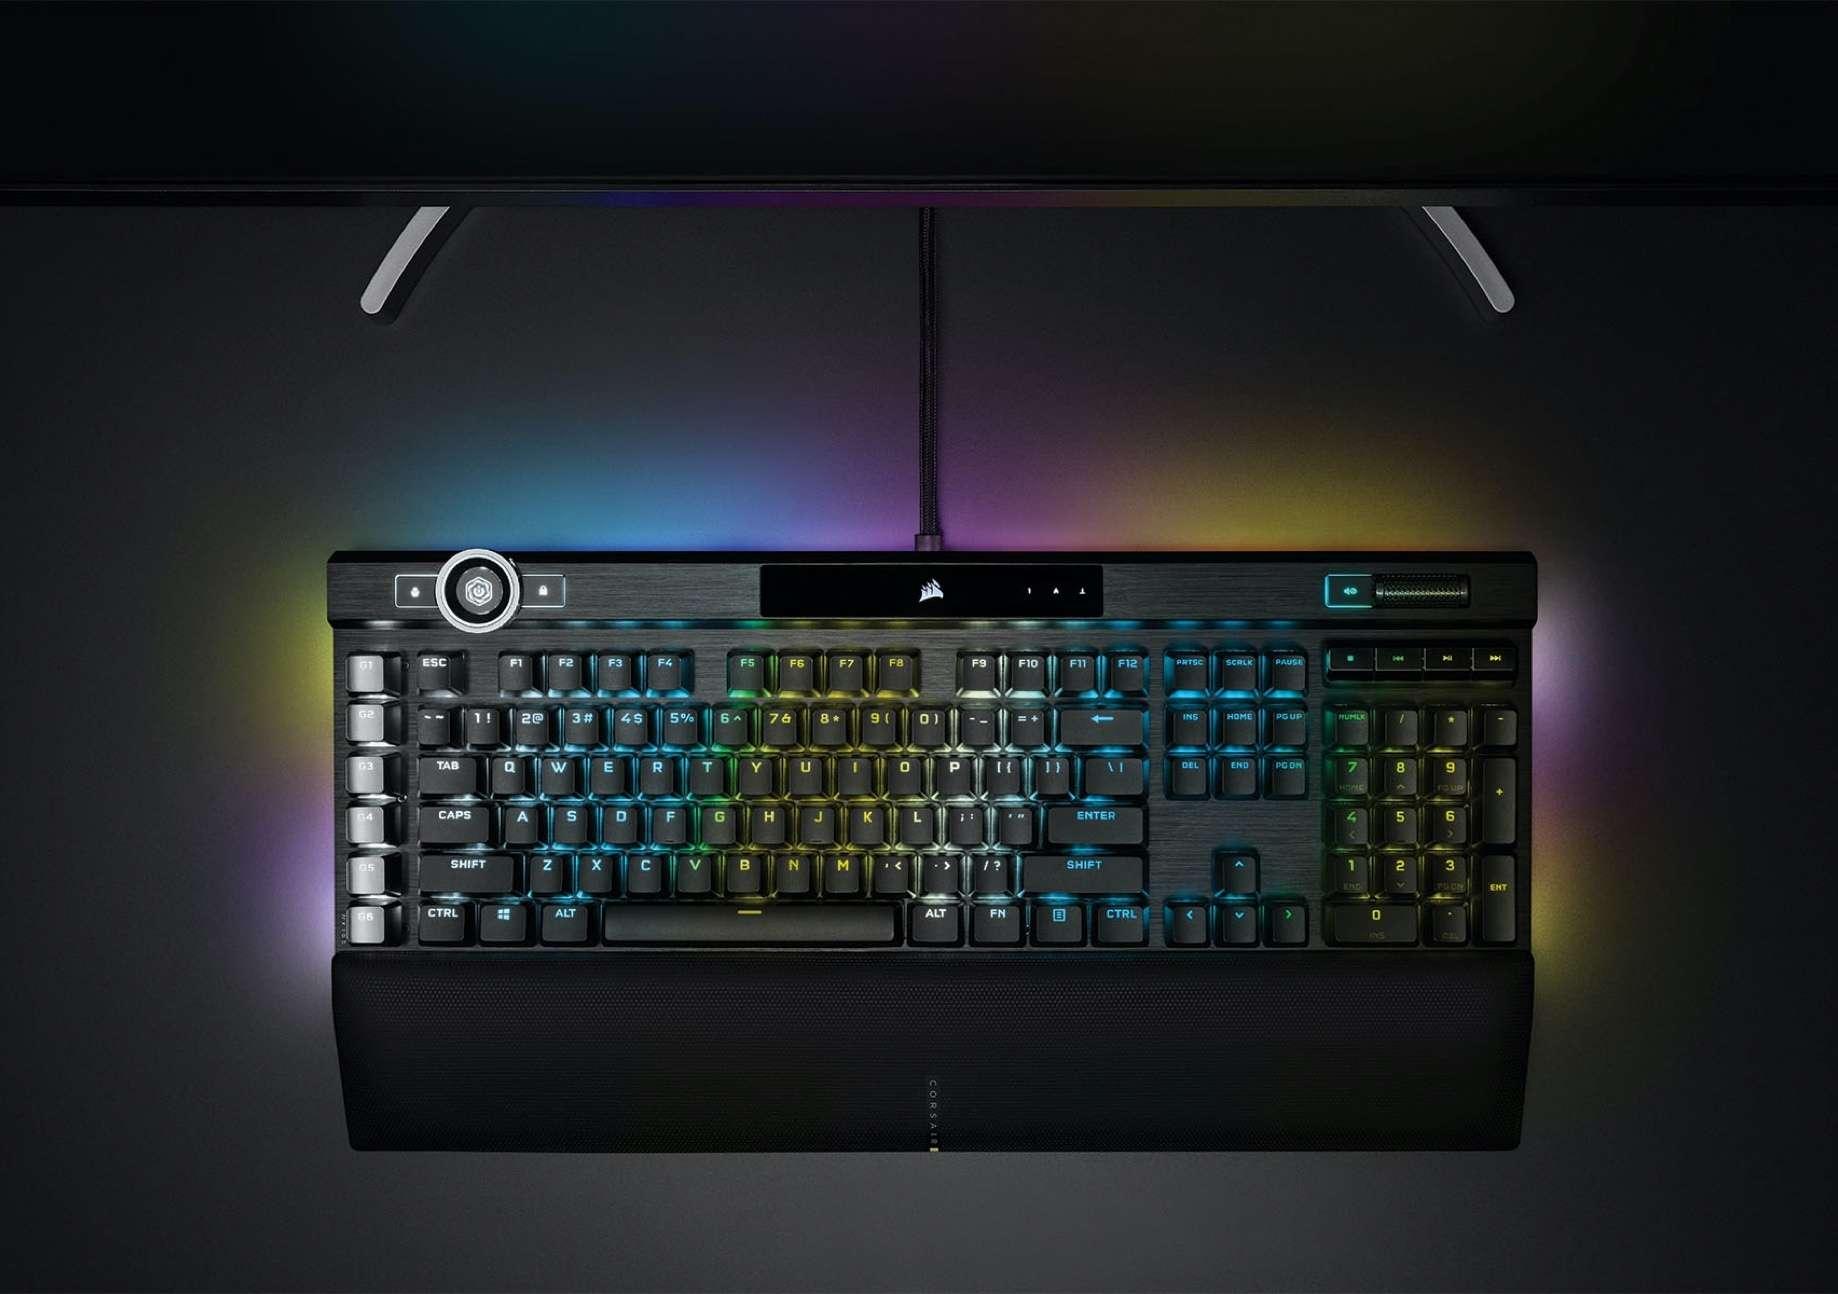 Bàn phím Corsair K100 RGB Speed switch (CH-912A014-NA)  có thiết kế chắc chắn và led rgb cực đẹp